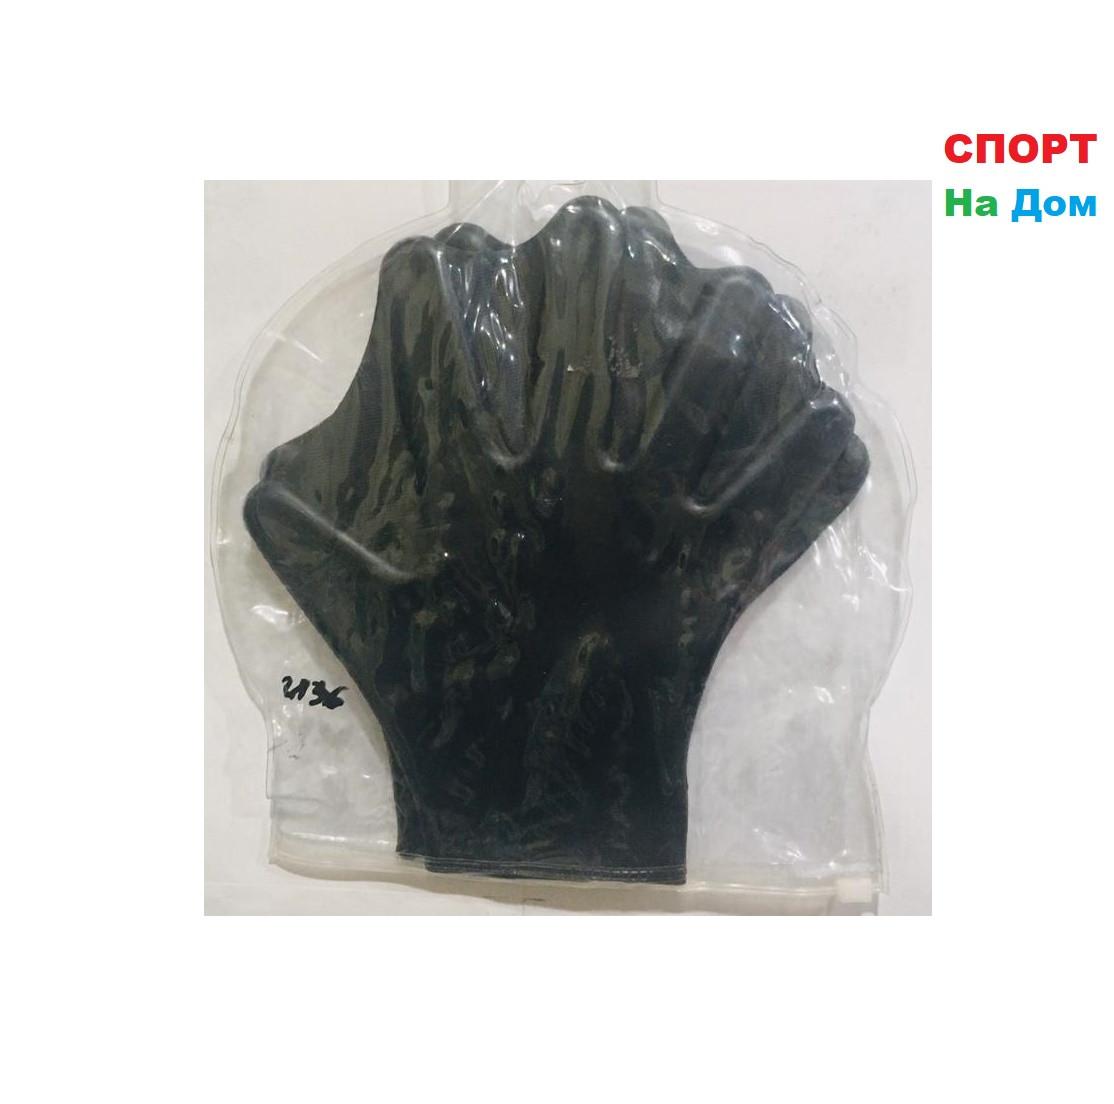 Ласты перчатки для рук (перепонки для плавания, цвет черный)